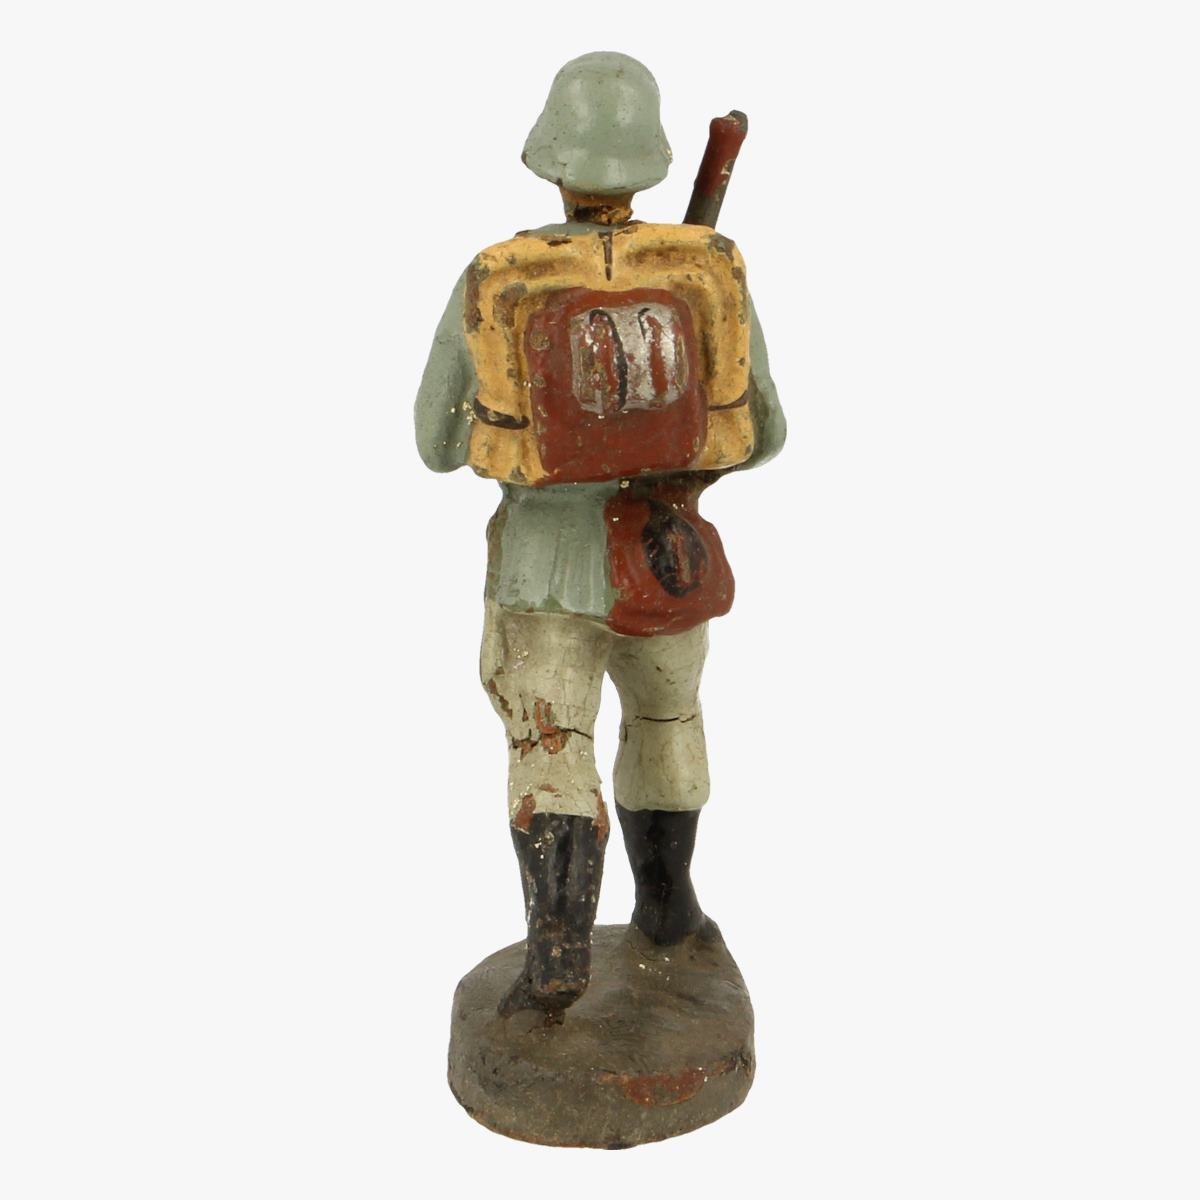 Afbeeldingen van elastolin soldaatje Germany